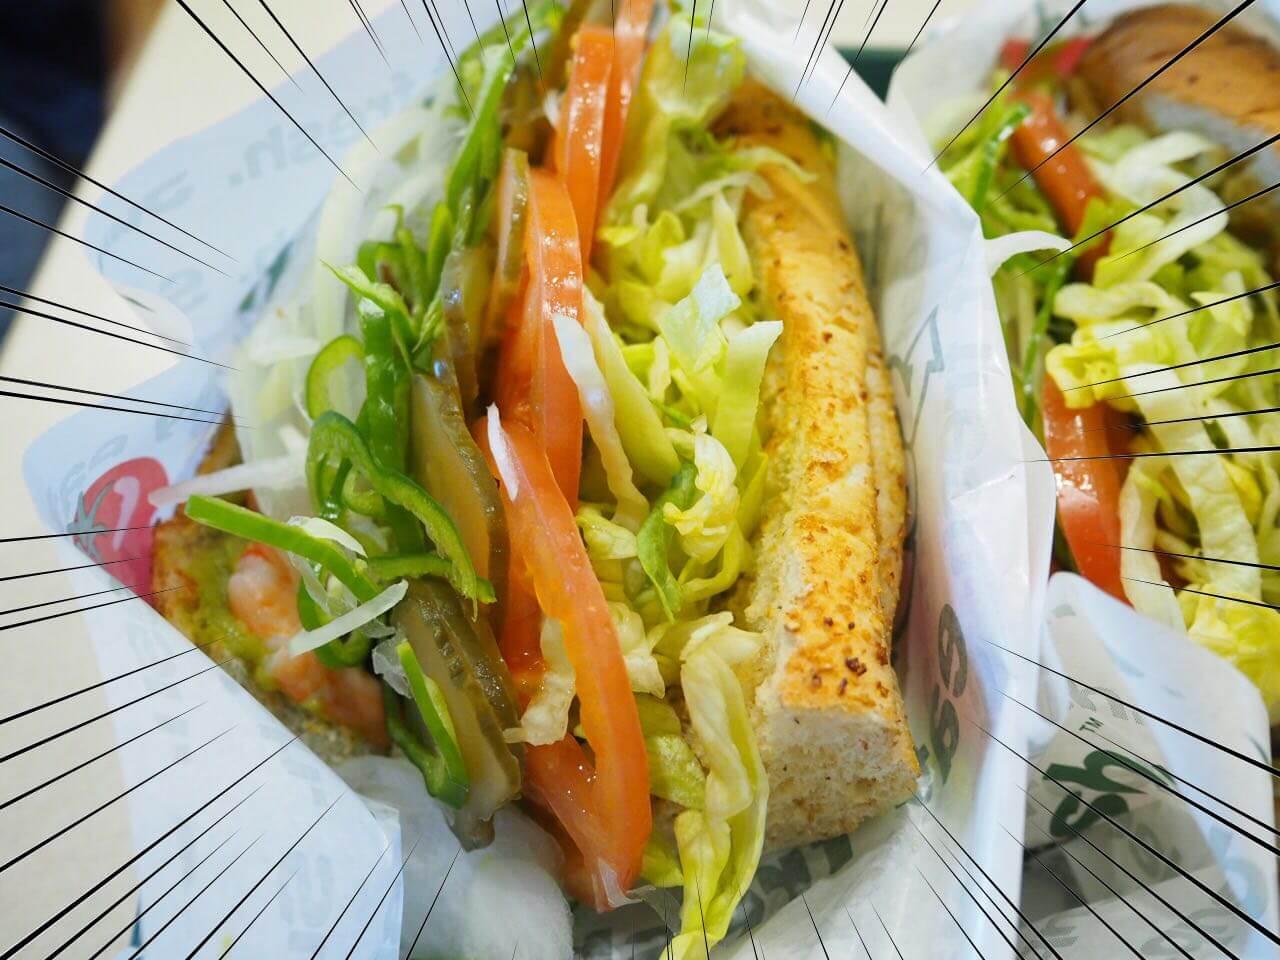 サブウェイの野菜上限サンドイッチ!どれくらい多いか比べてみた。ファーストフードなのに健康!